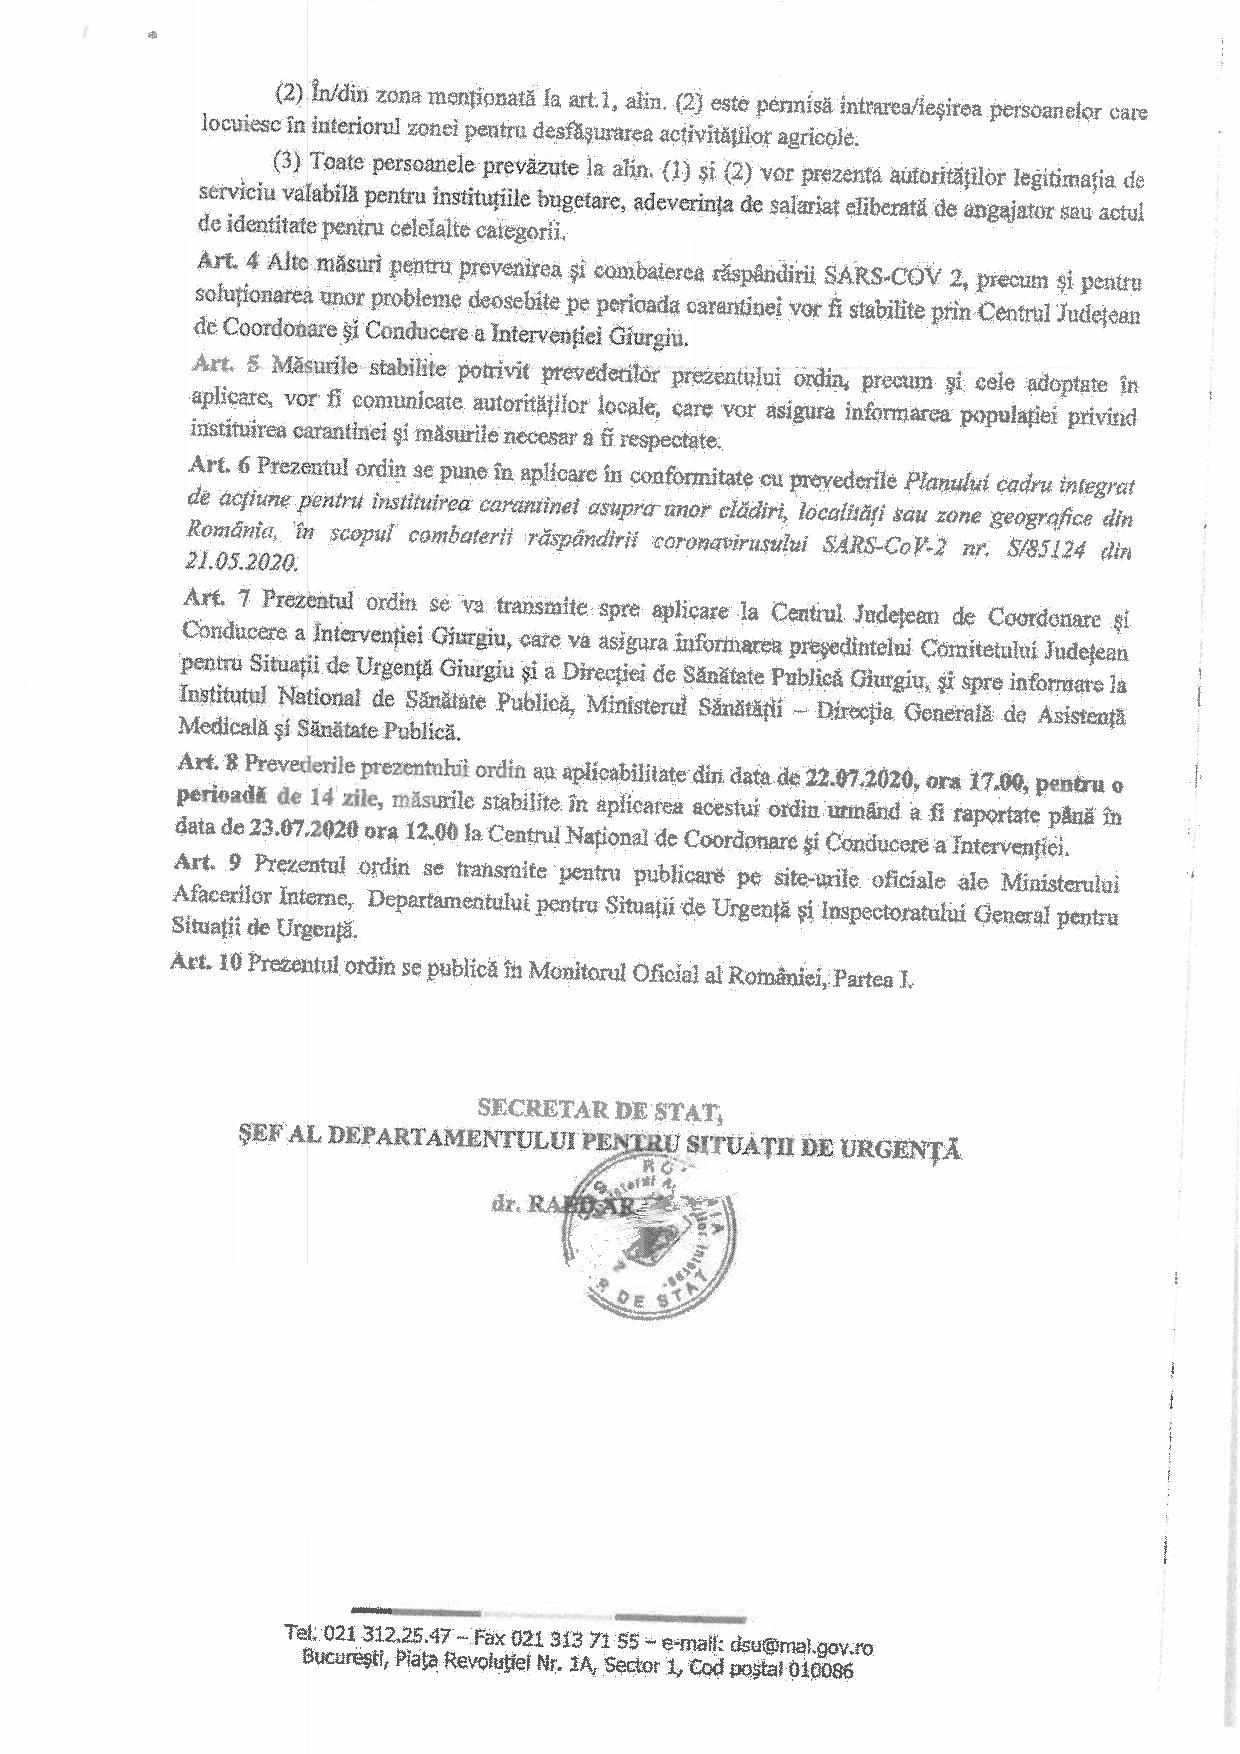 Ordinul Sefului Departamentului Pentru Situații de Urgență nr 4659201 din 22.07.2020 privind instituirea carantinei zonale în localitatea Cartojani pagina 3